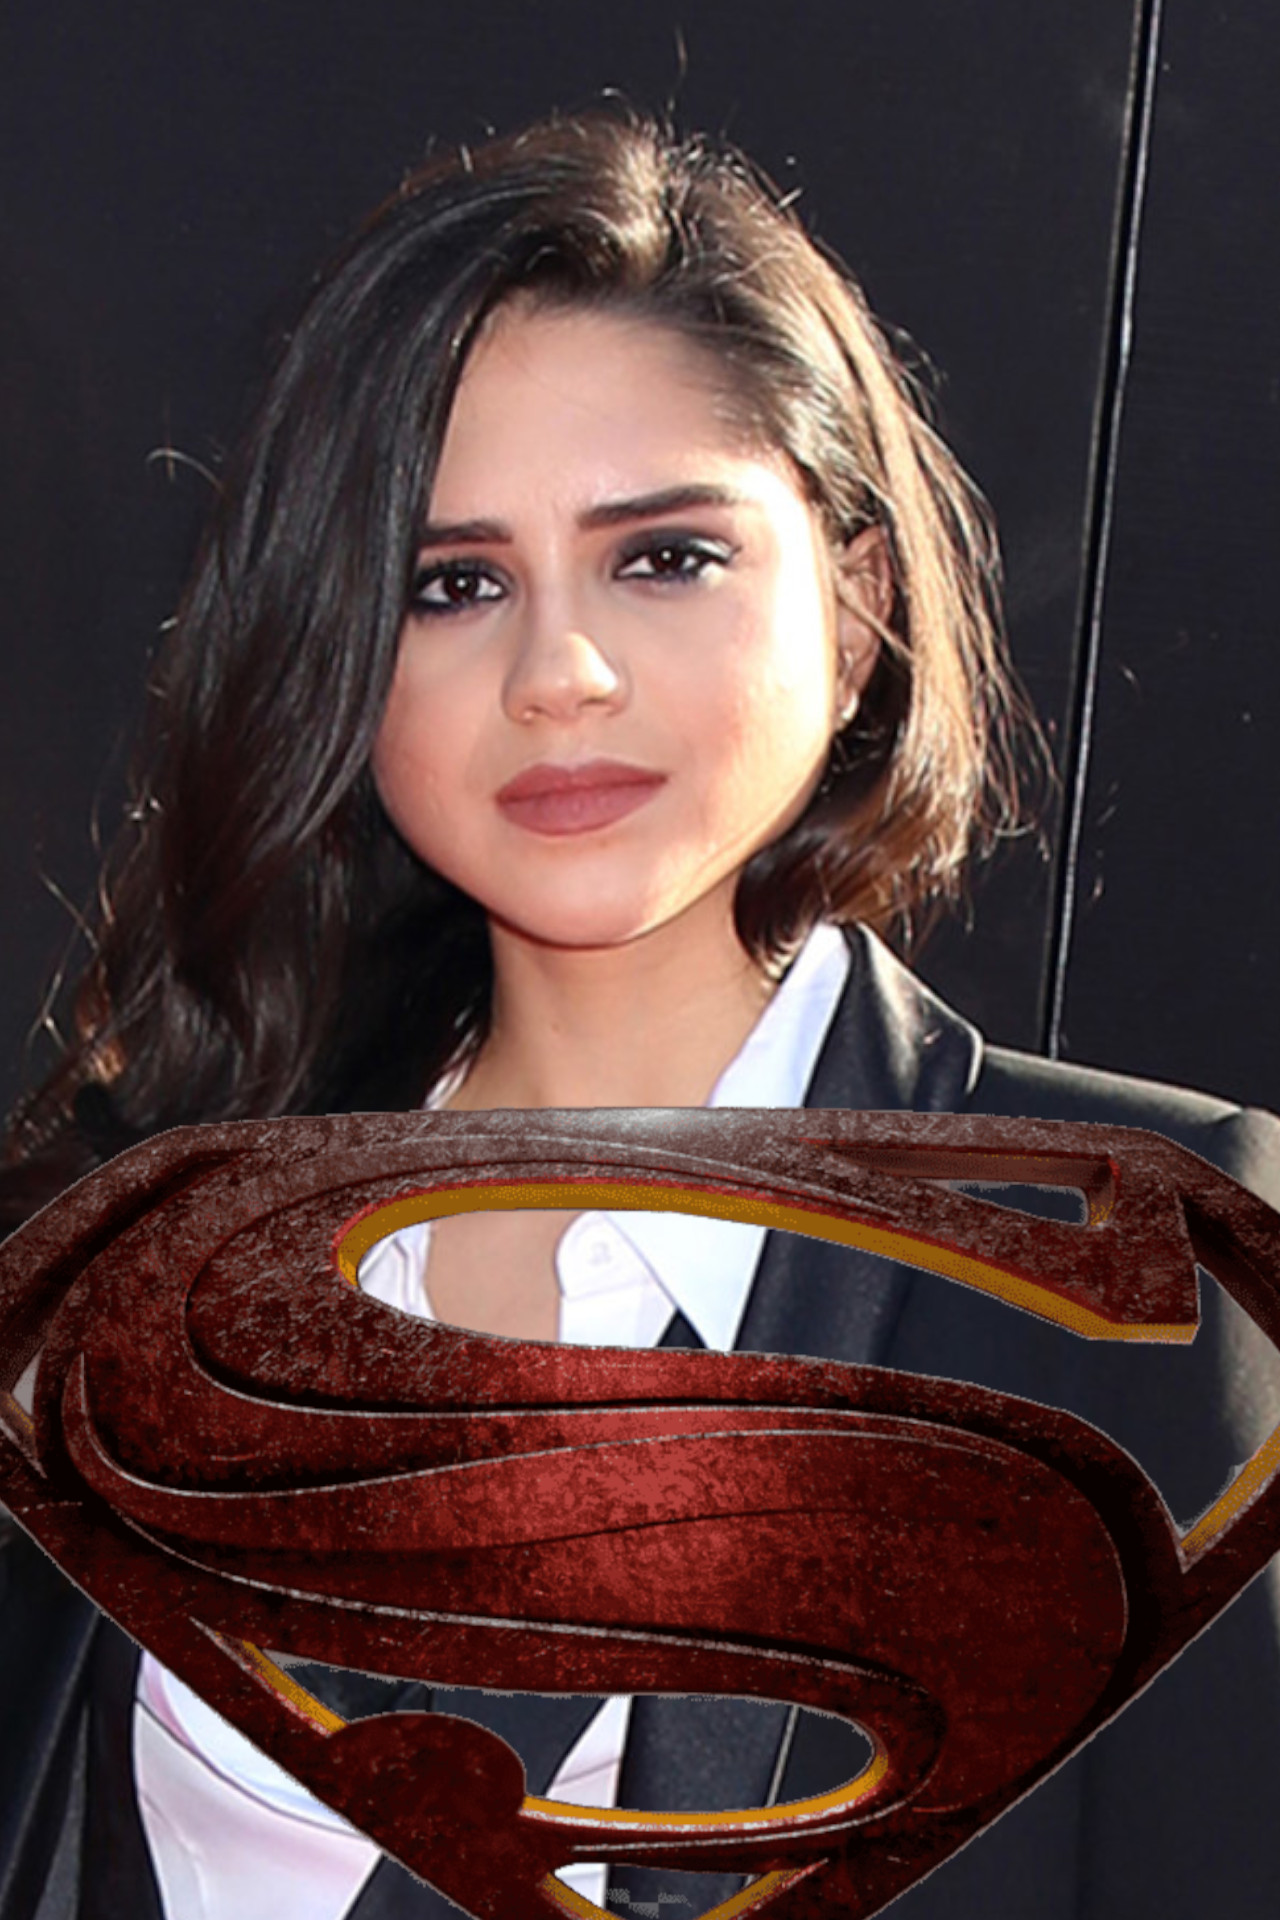 Sasha Calle foi confirmada como Supergirl no vindouro The Flash que deverá adaptar a saga Flashpoint. A revelação foi feita em um vídeo emocionante.